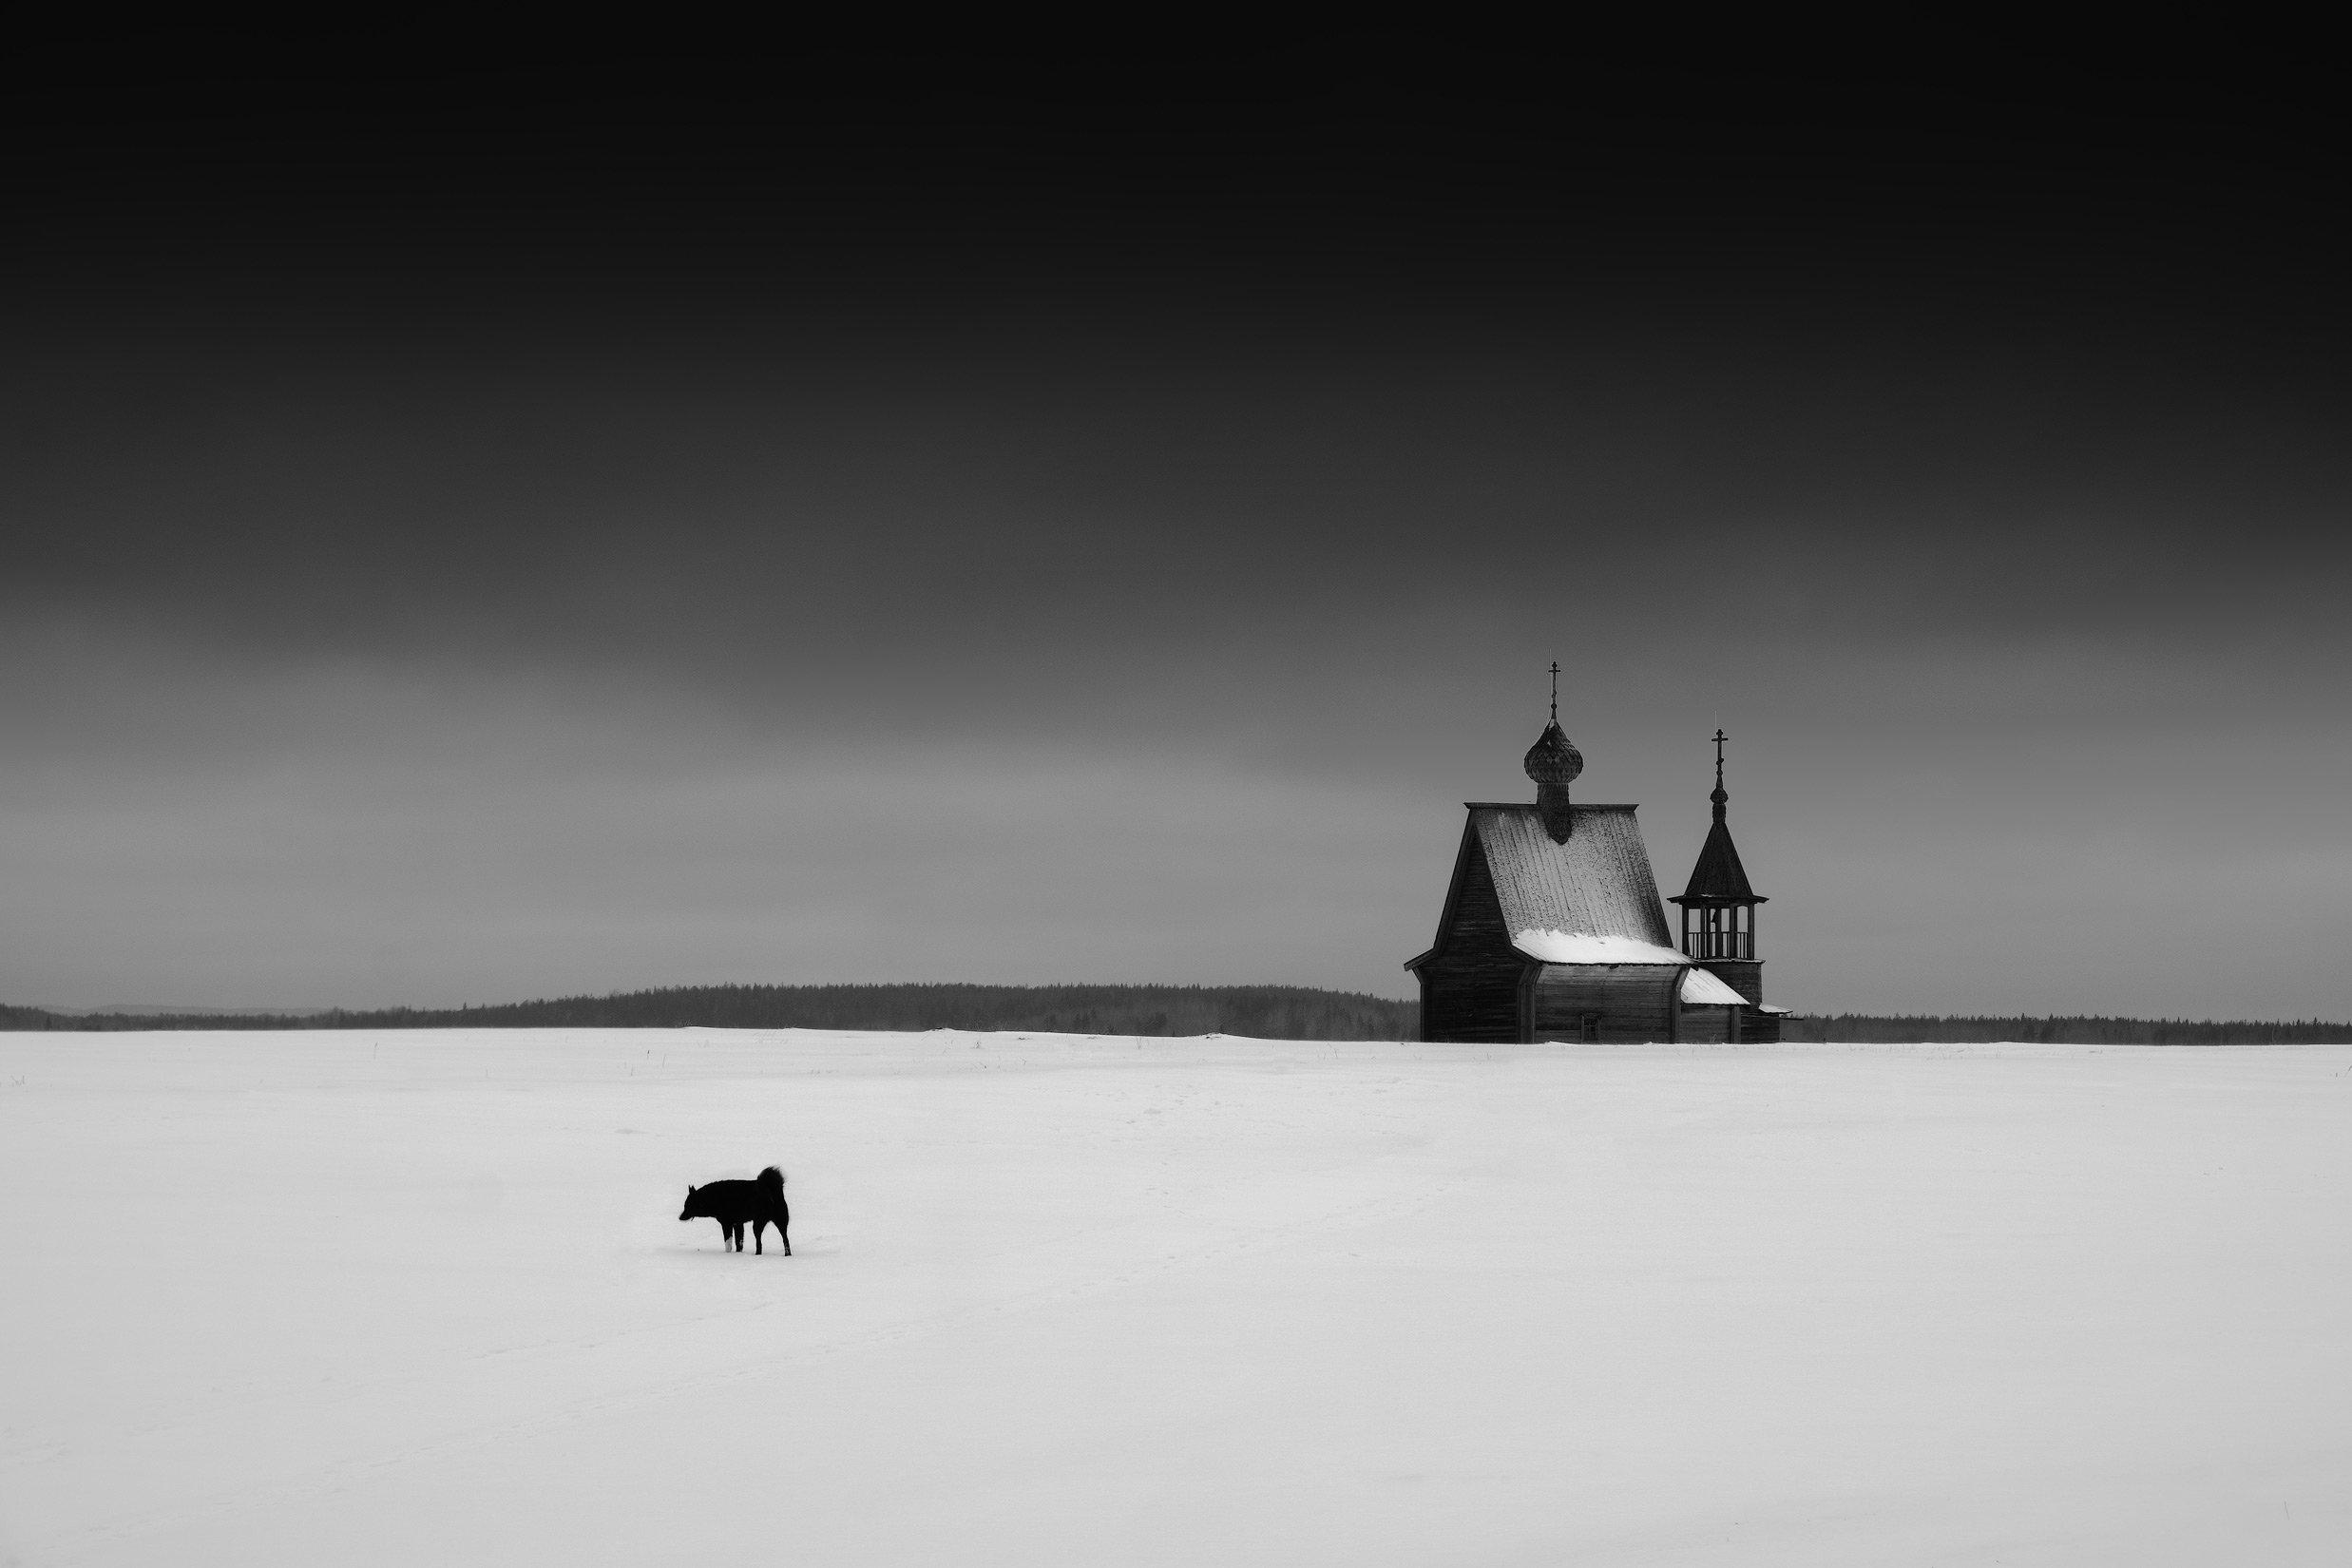 россия, архангельская область, кенозерье, пейзаж, зима, снег, минимализм, церковь, север, заповедник, Оборотов Алексей